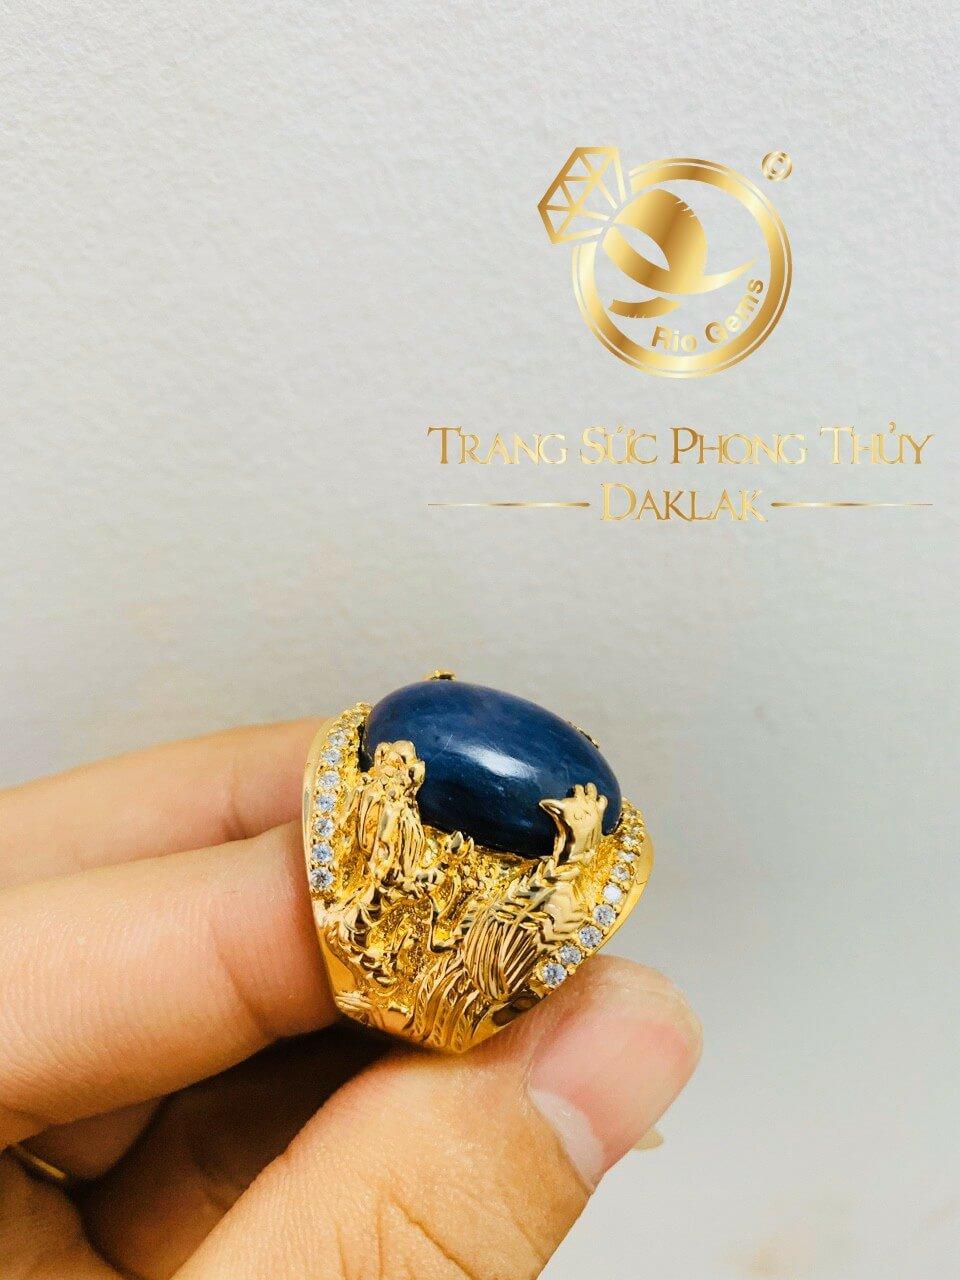 nhan long lan quy phung vang 18k dinh da sapphire xanh den